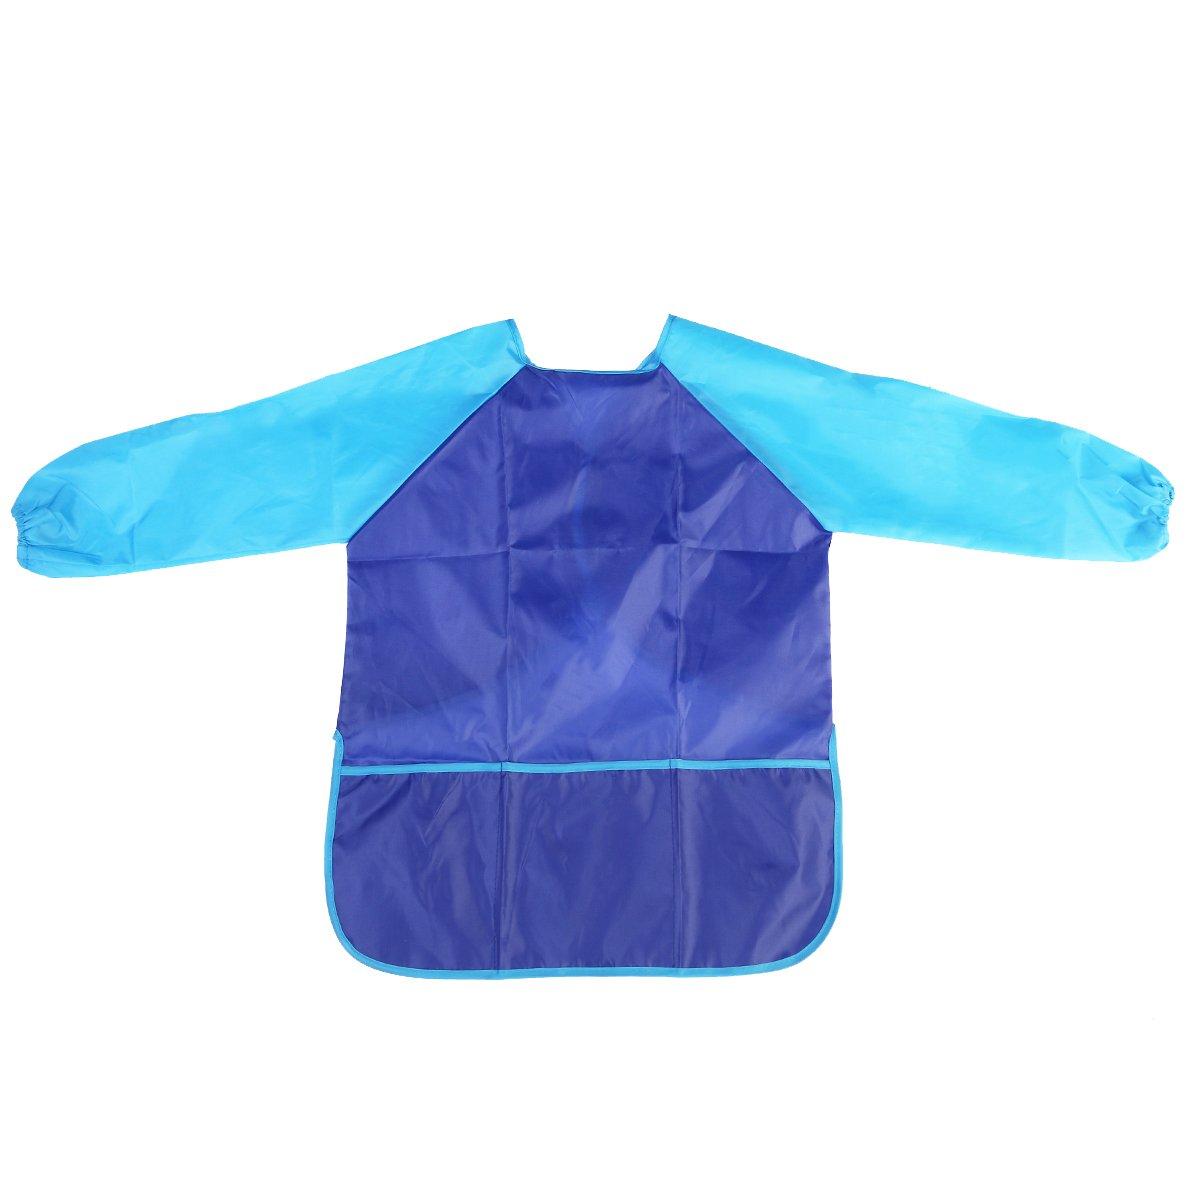 Wasserdichte Malschürze für Kinder von Nuolux mit Taschen und langen Ärmeln, Farbe: blau AS shown in the image